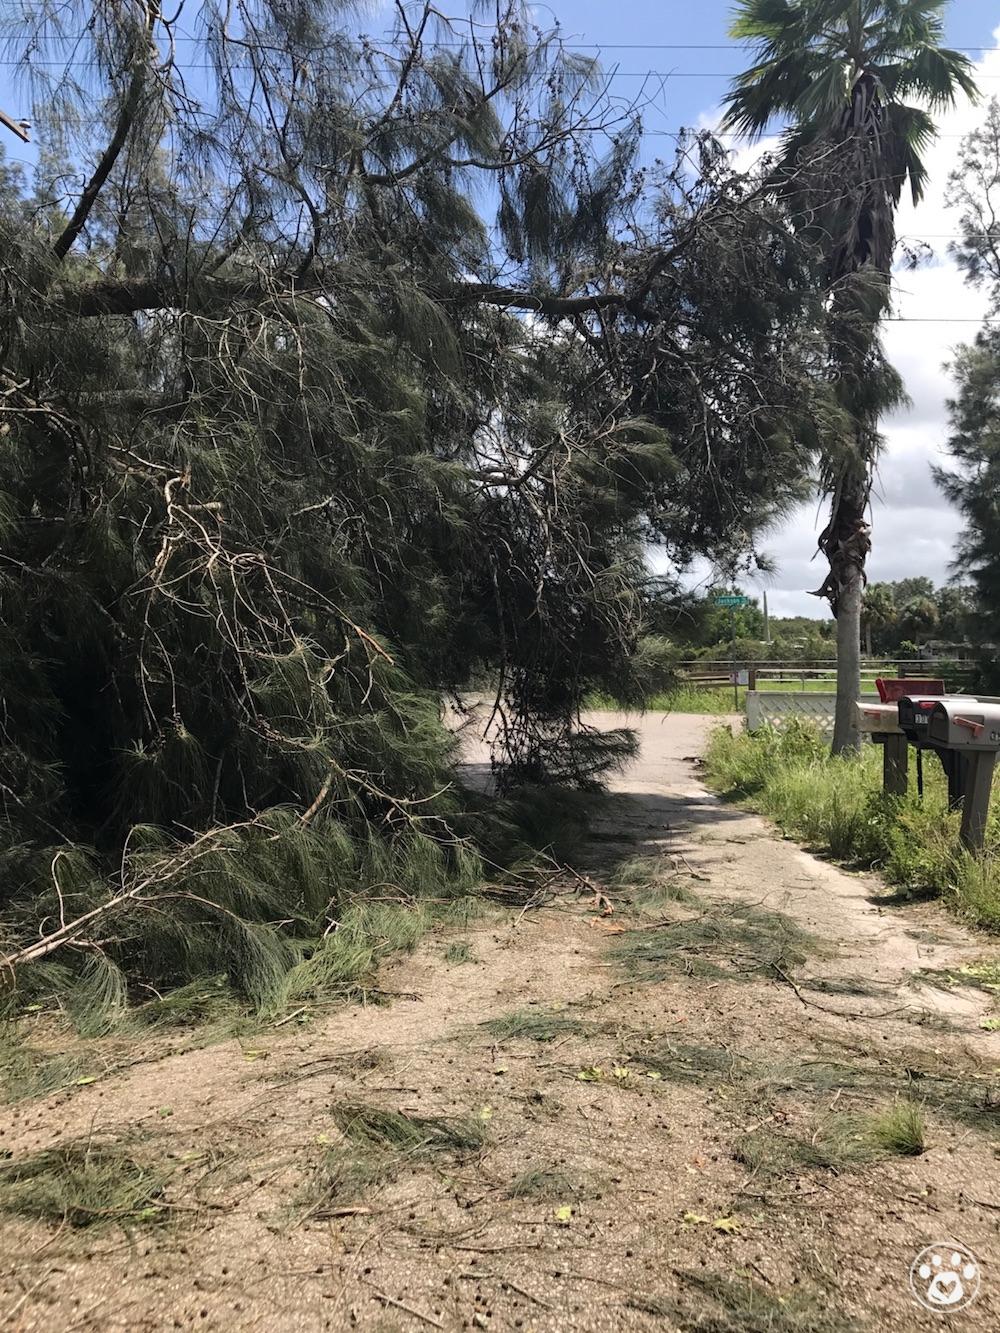 Hurricane Irma Emergency Fund